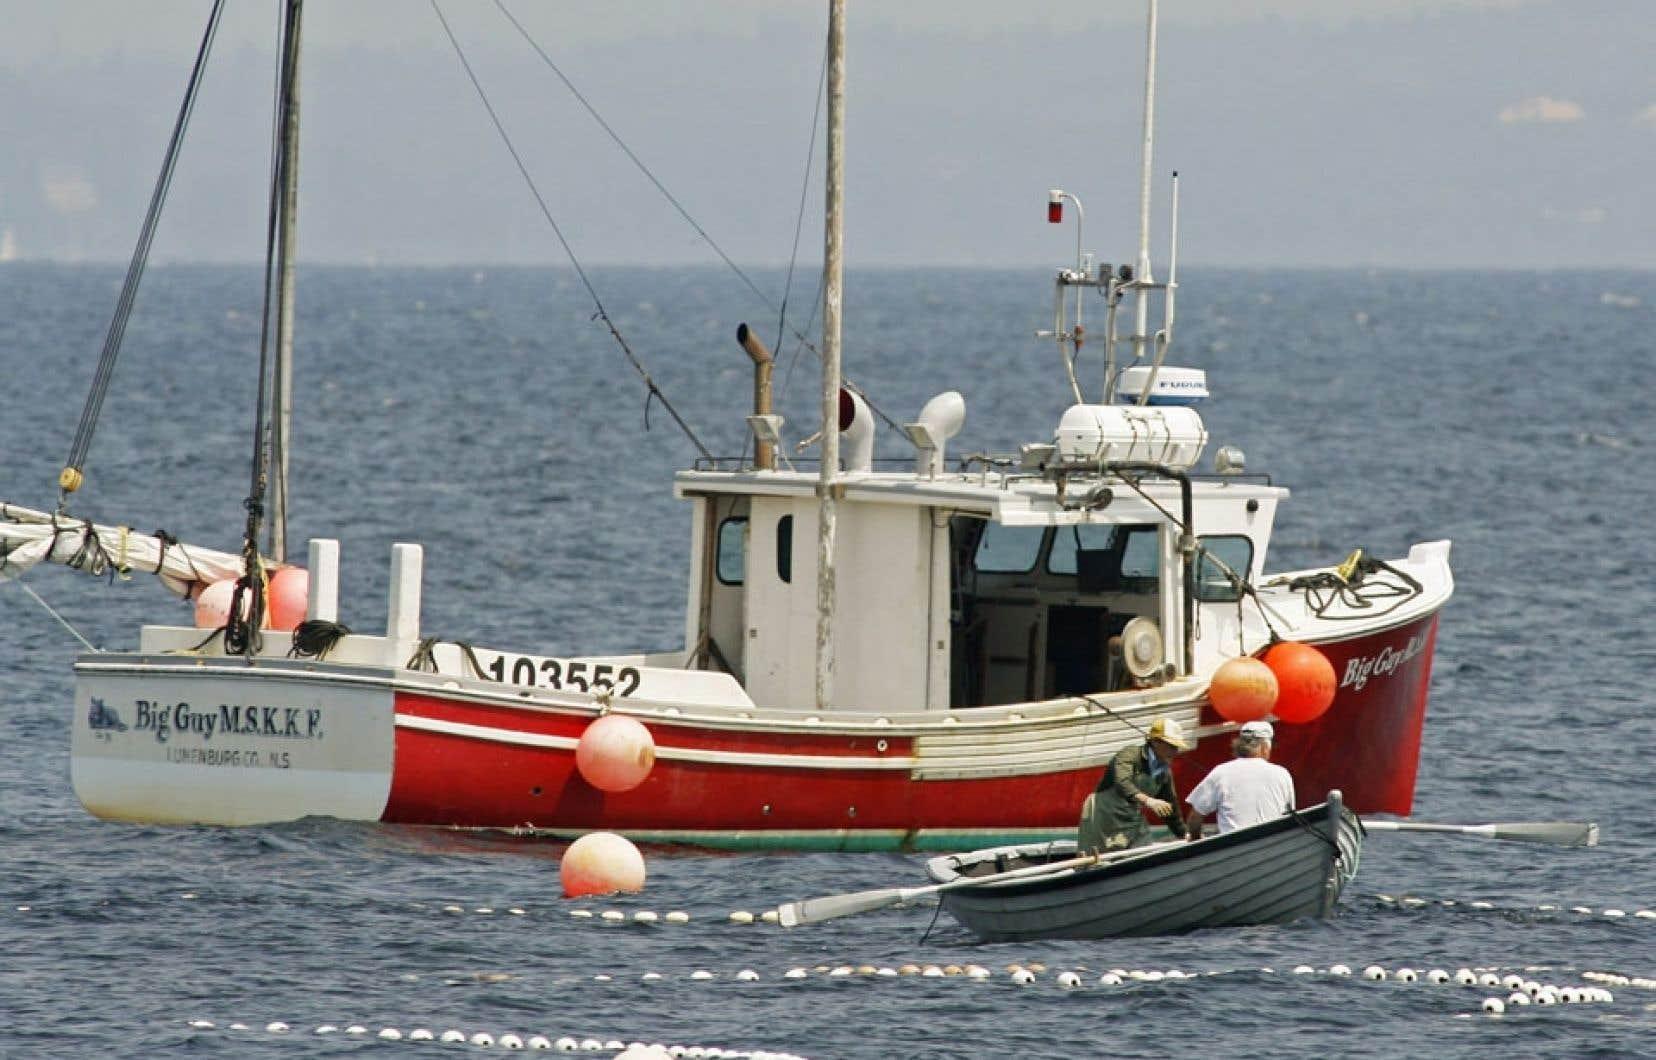 Des pêcheurs relèvent leurs filets au large de Terre-Neuve. Environ 10 % des pêcheries mondiales sont certifiées MSC.